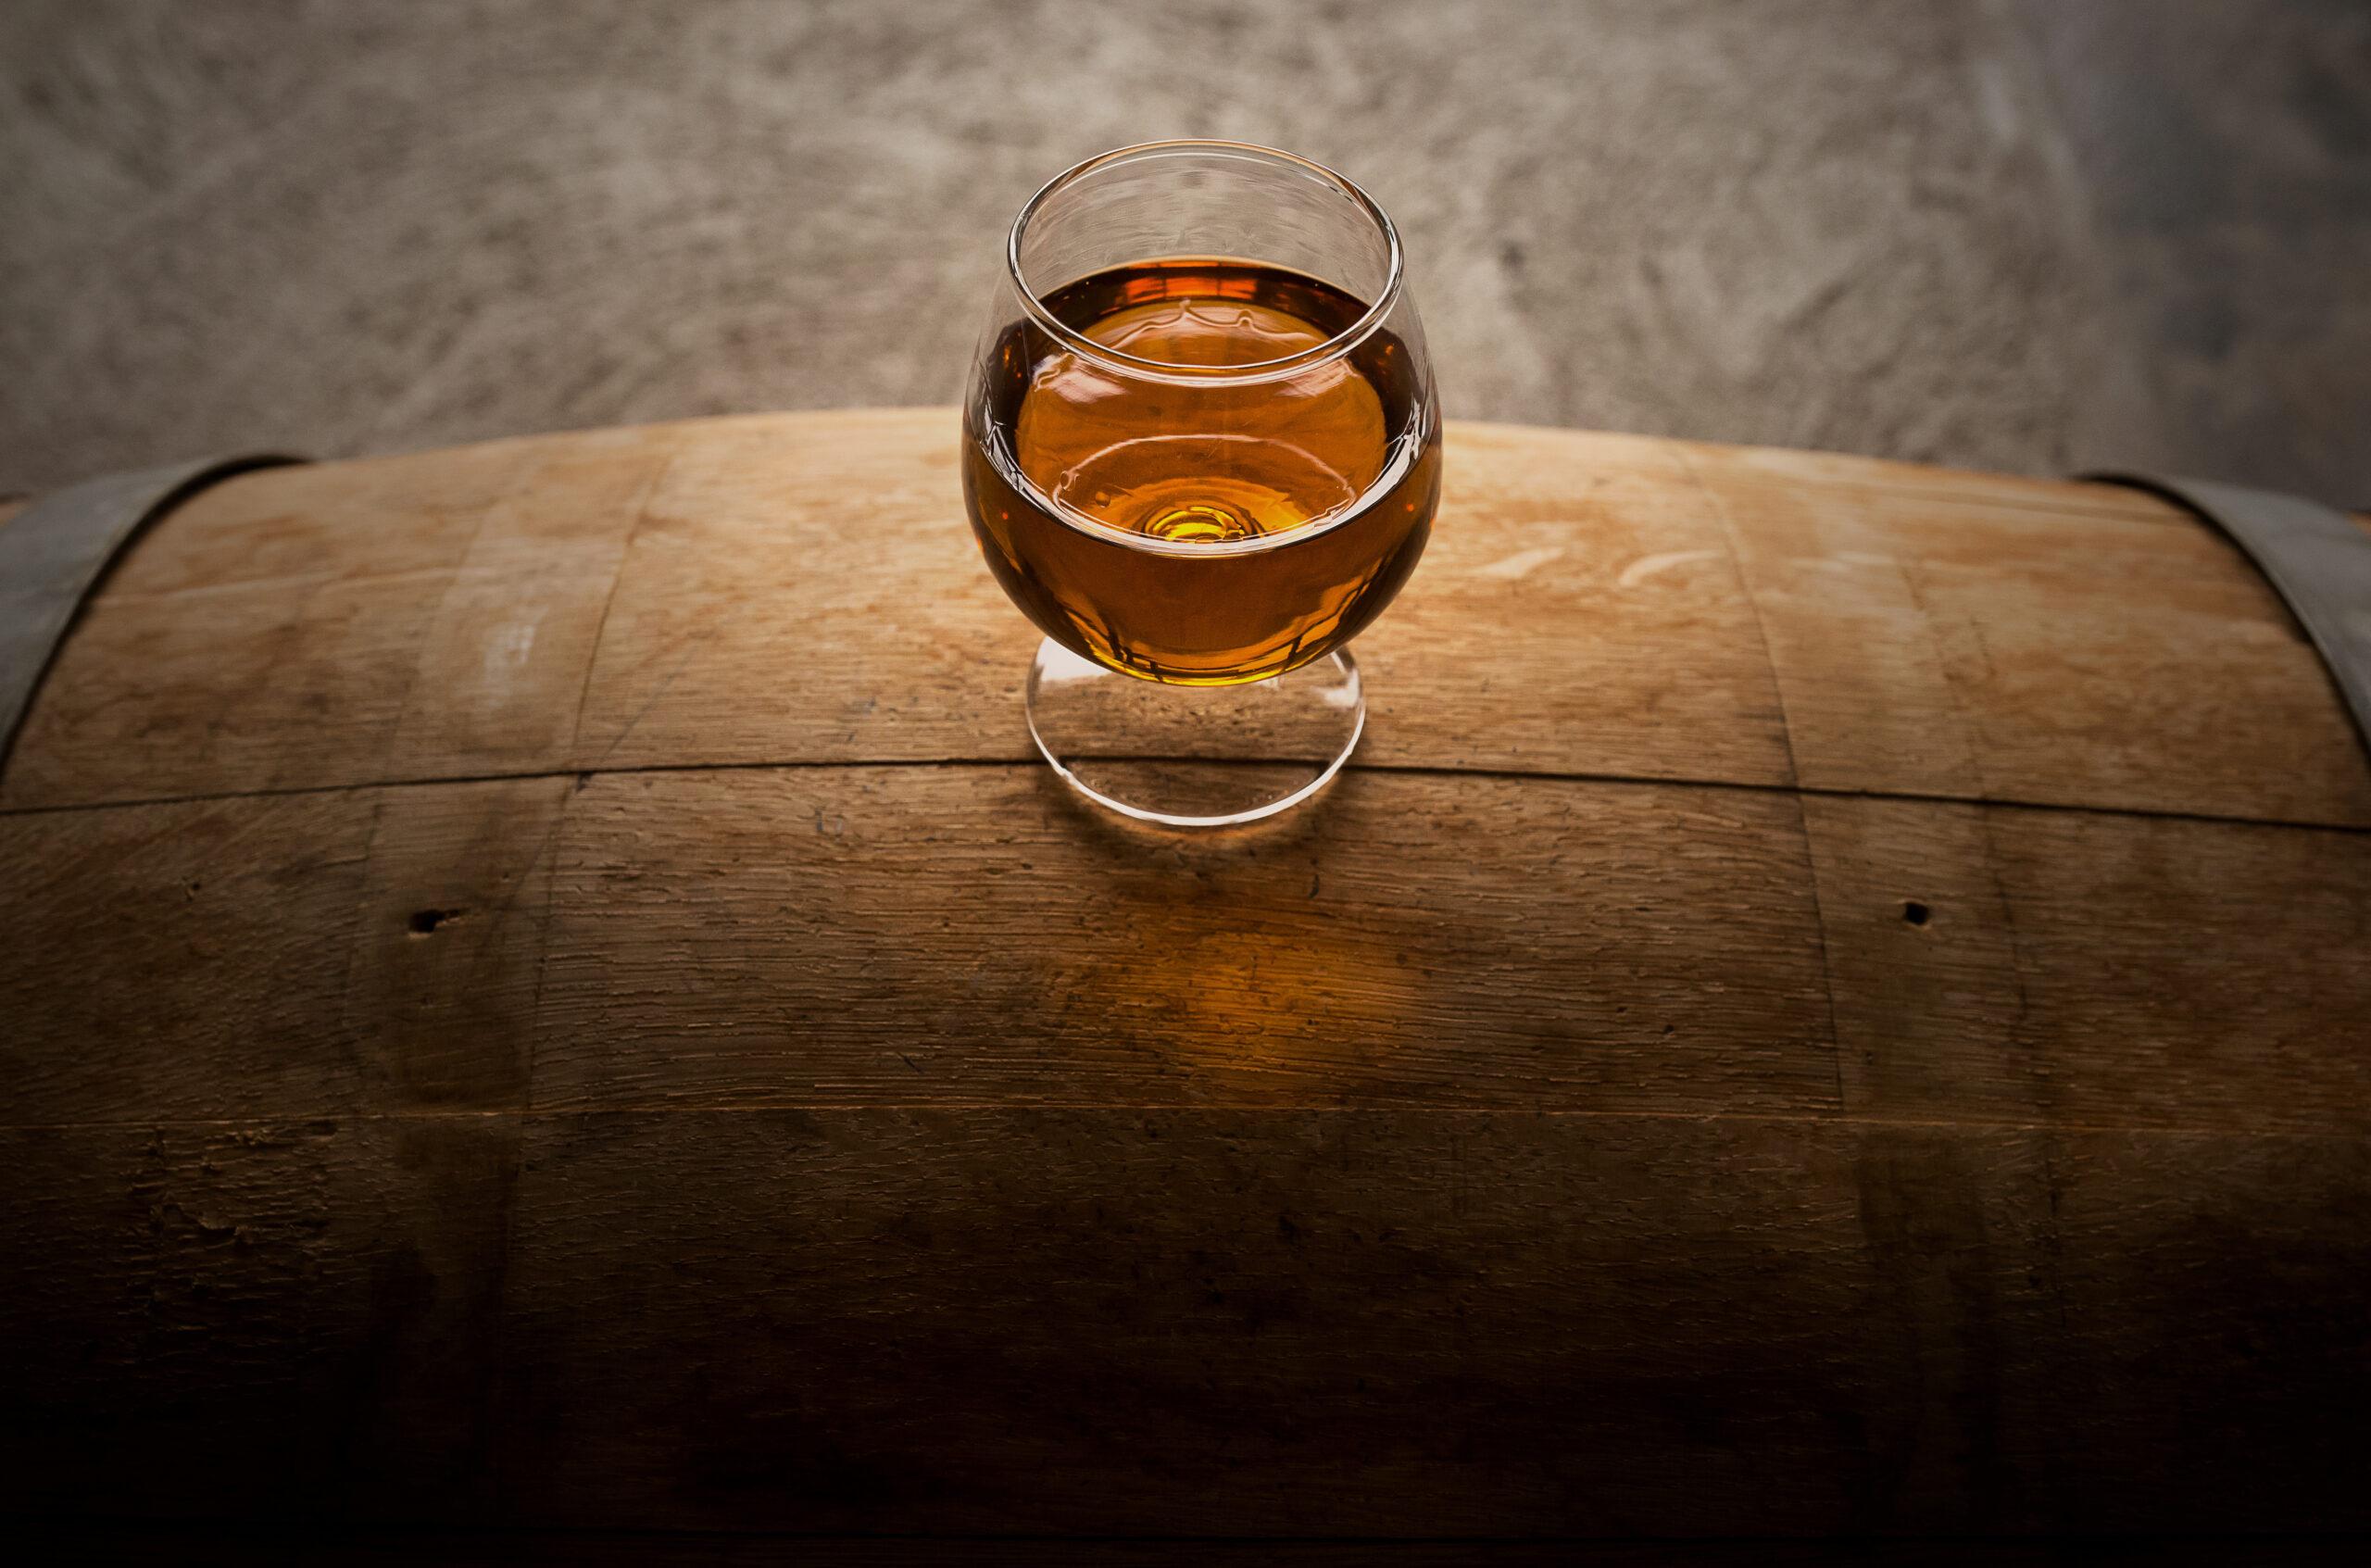 威士忌投資:如何選擇回報較高的酒桶